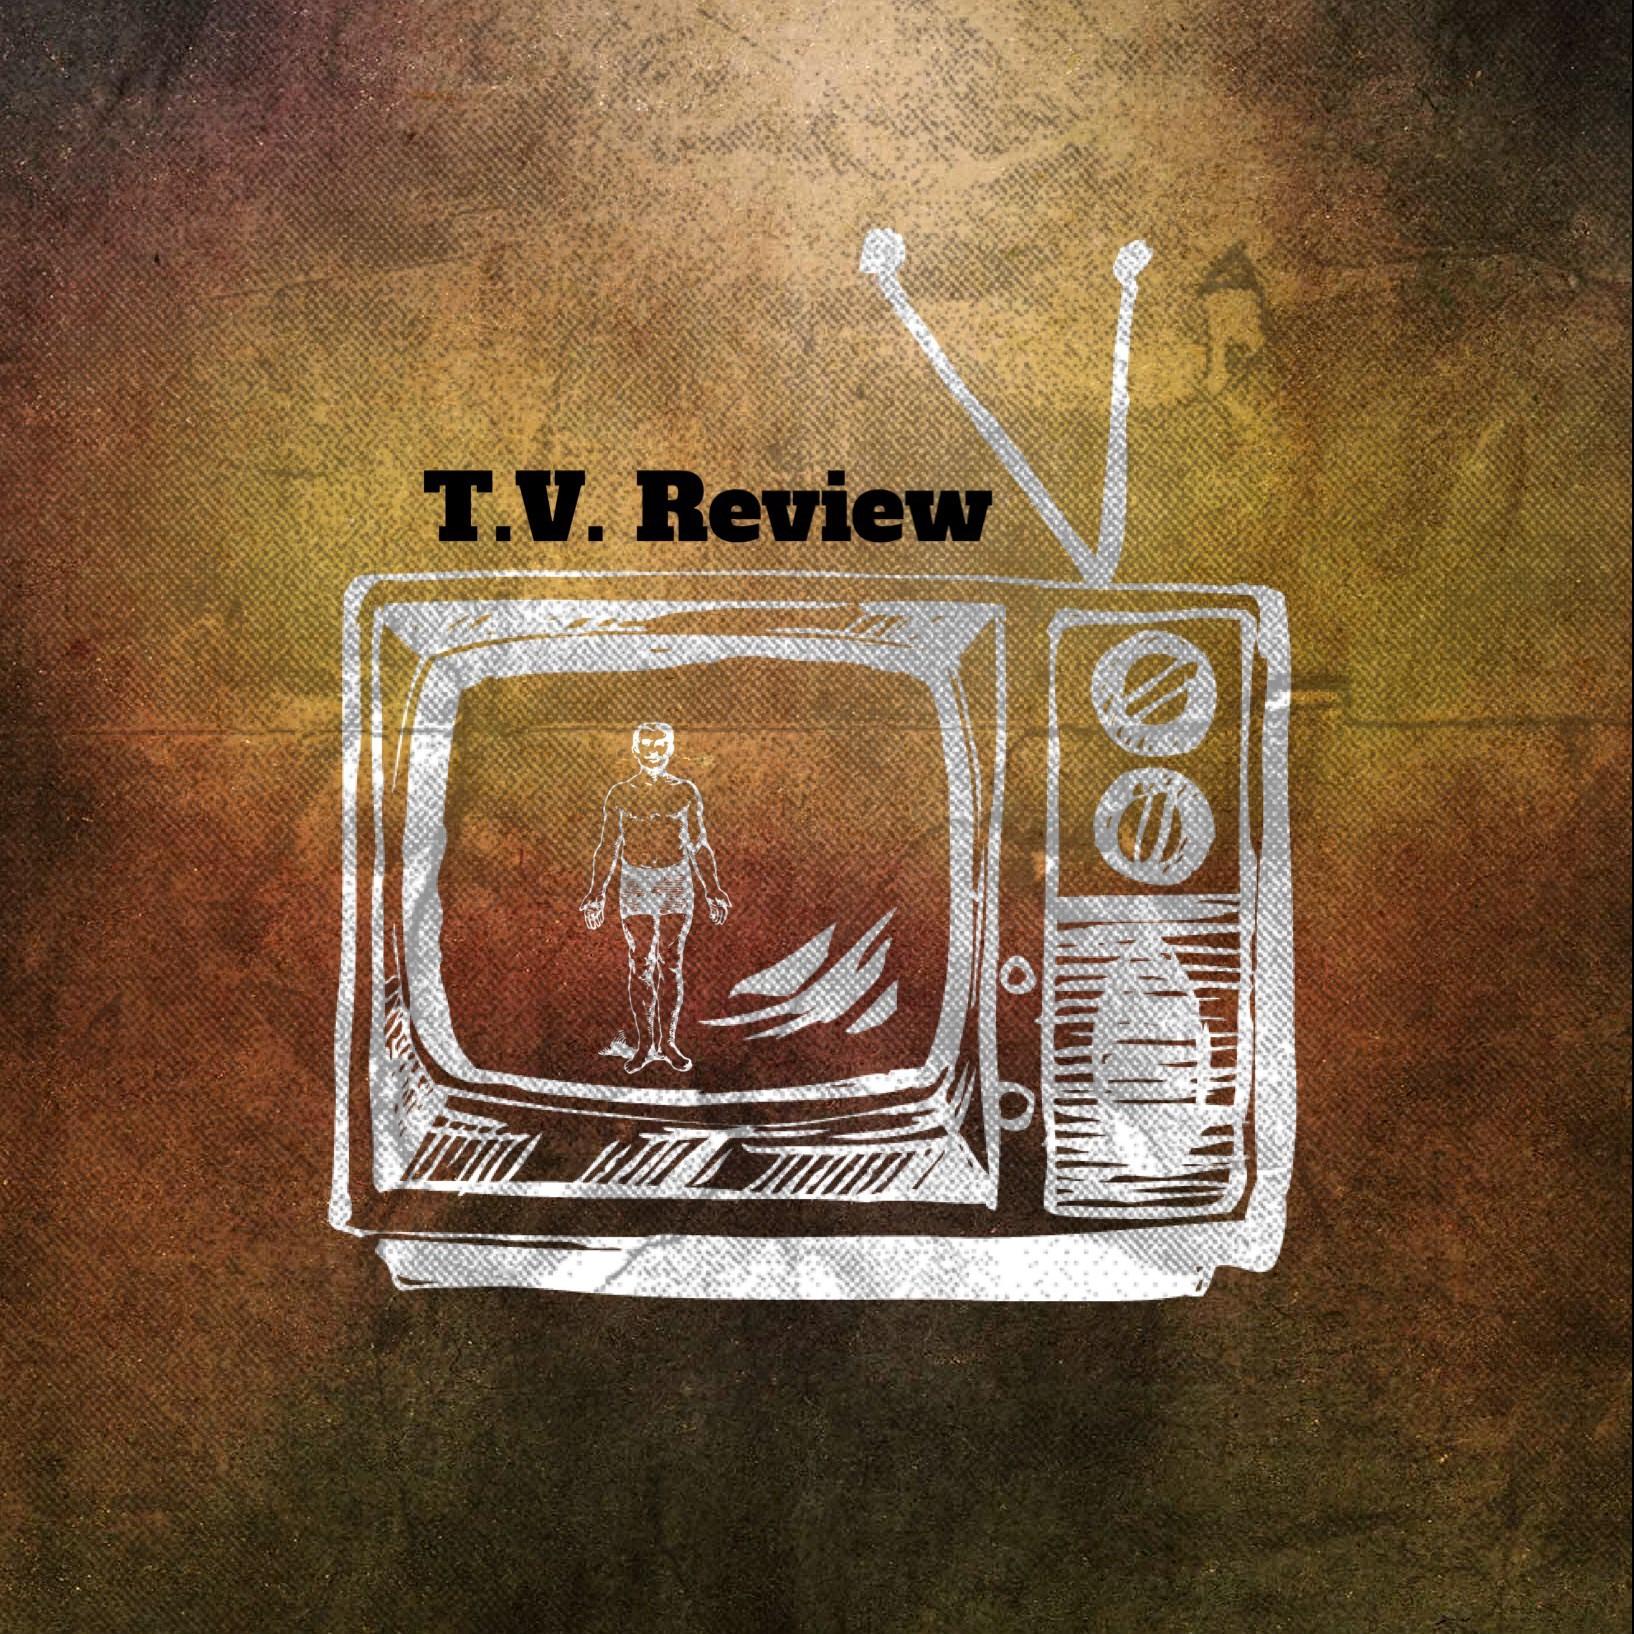 T.V. Review